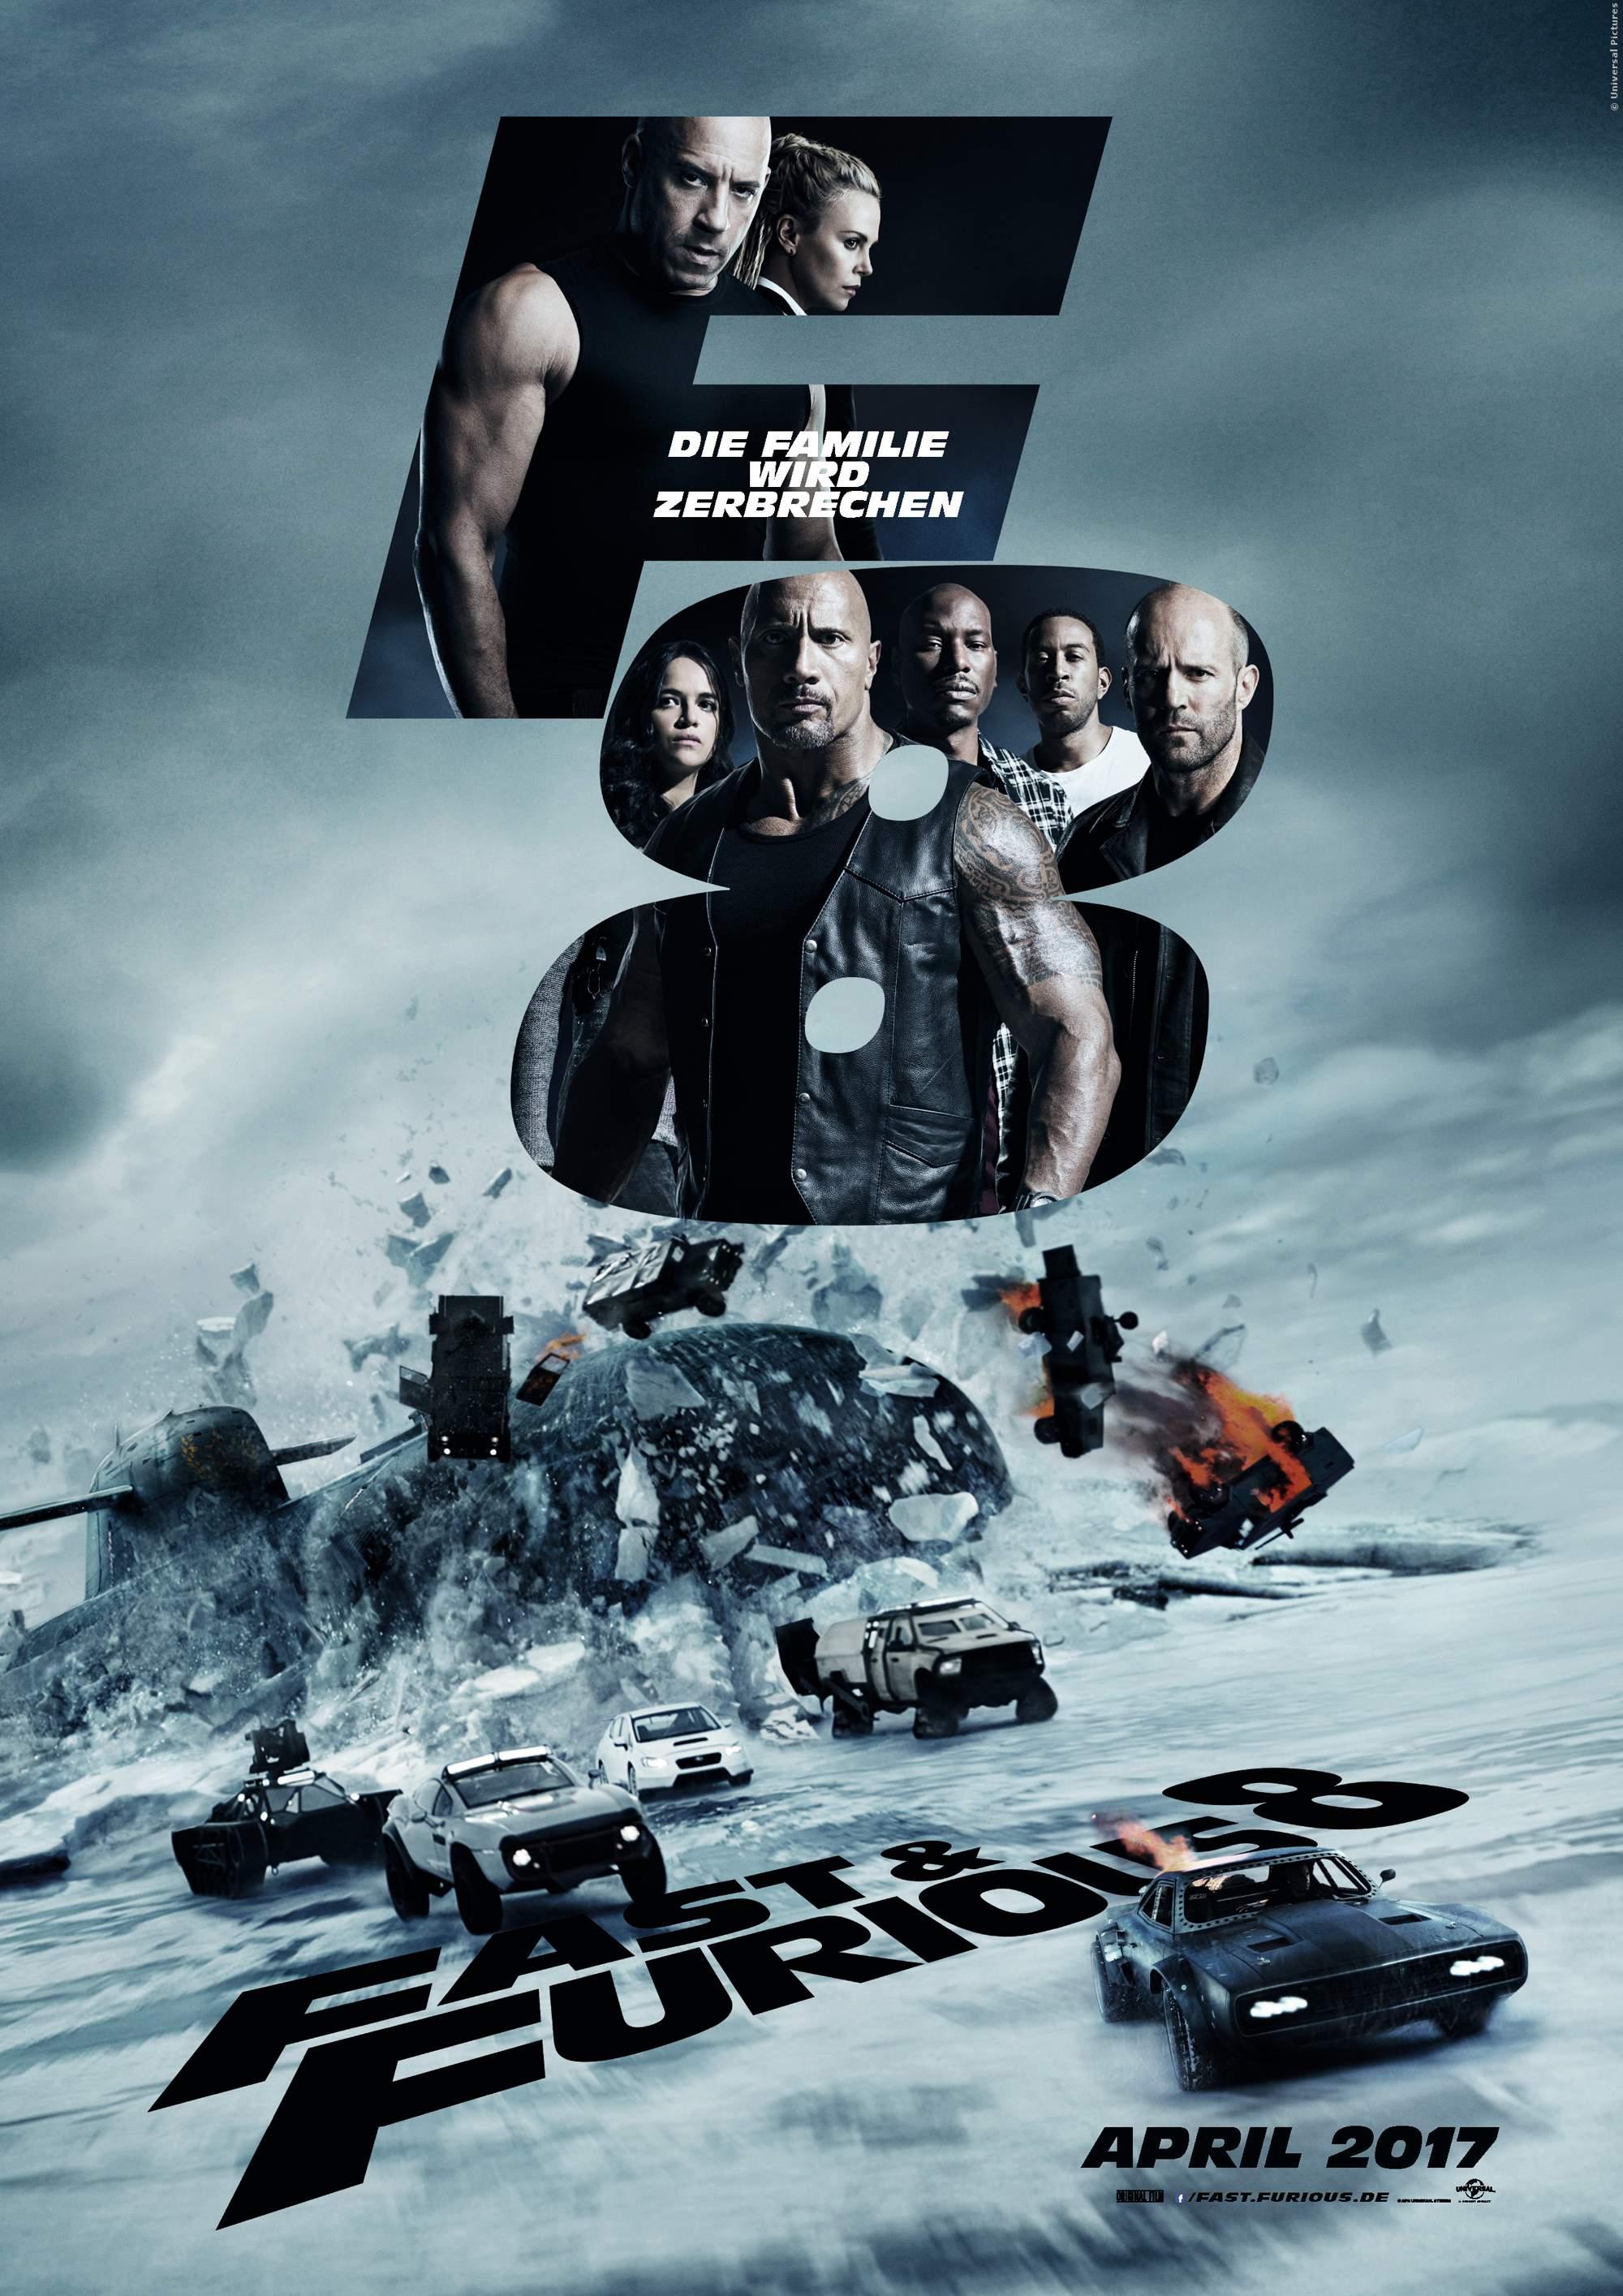 Fast And Furious 8: Neues Filmplakat mit den Stars - Bild 1 von 1